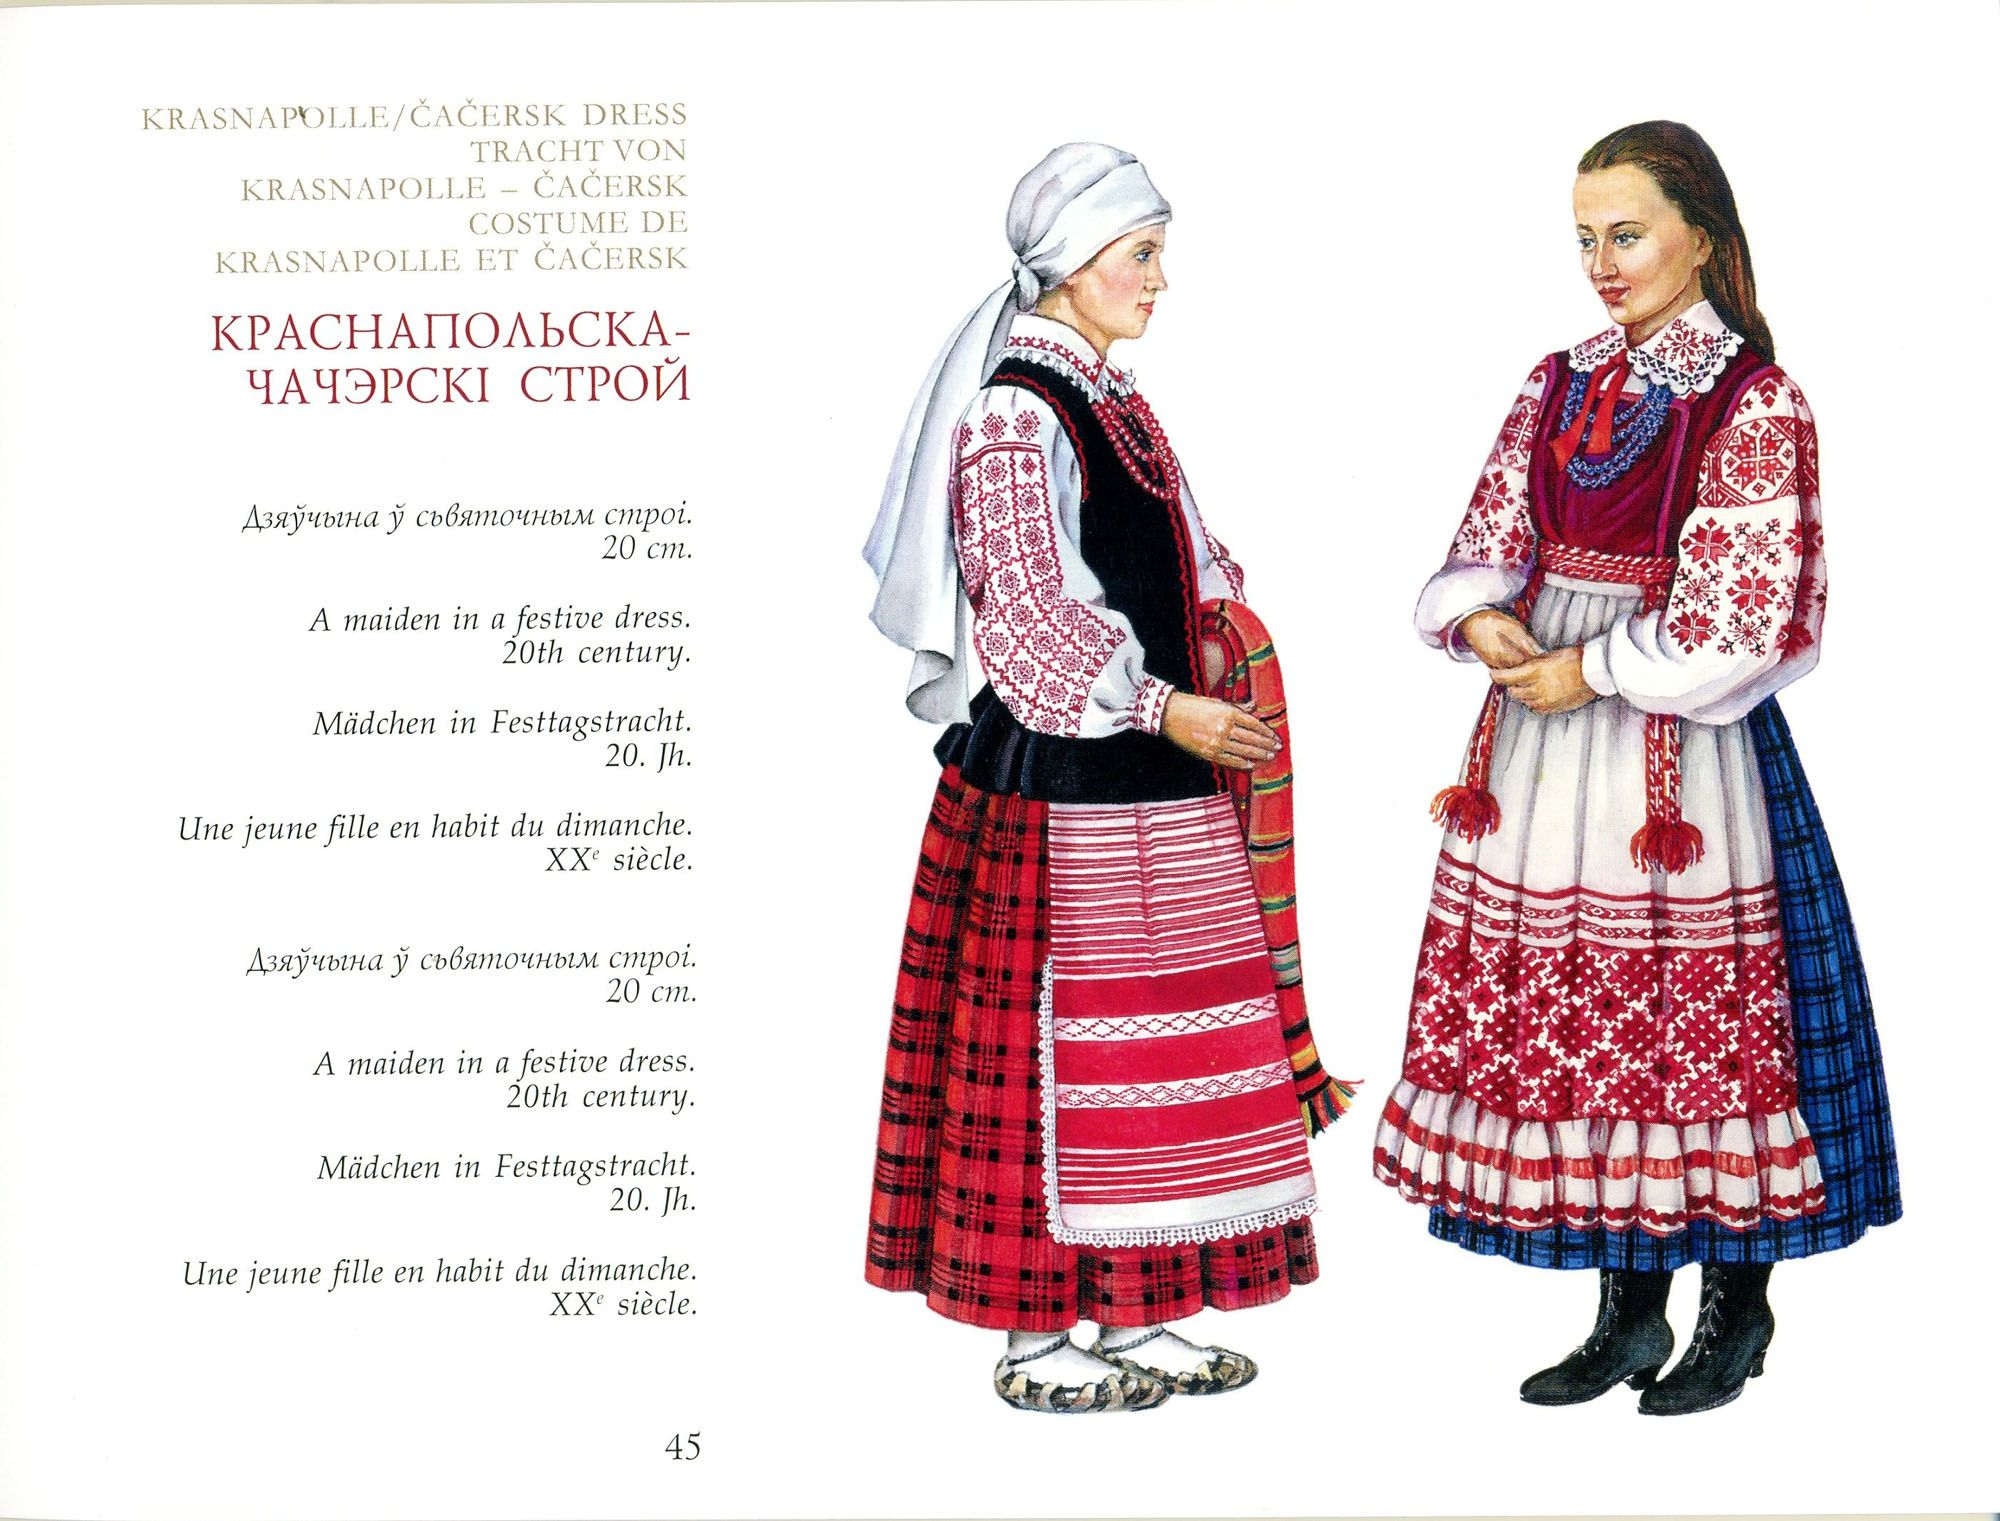 Белорусский костюм <!--if()-->- <!--endif--> - Фотоальбомы - Наречие Беларуси